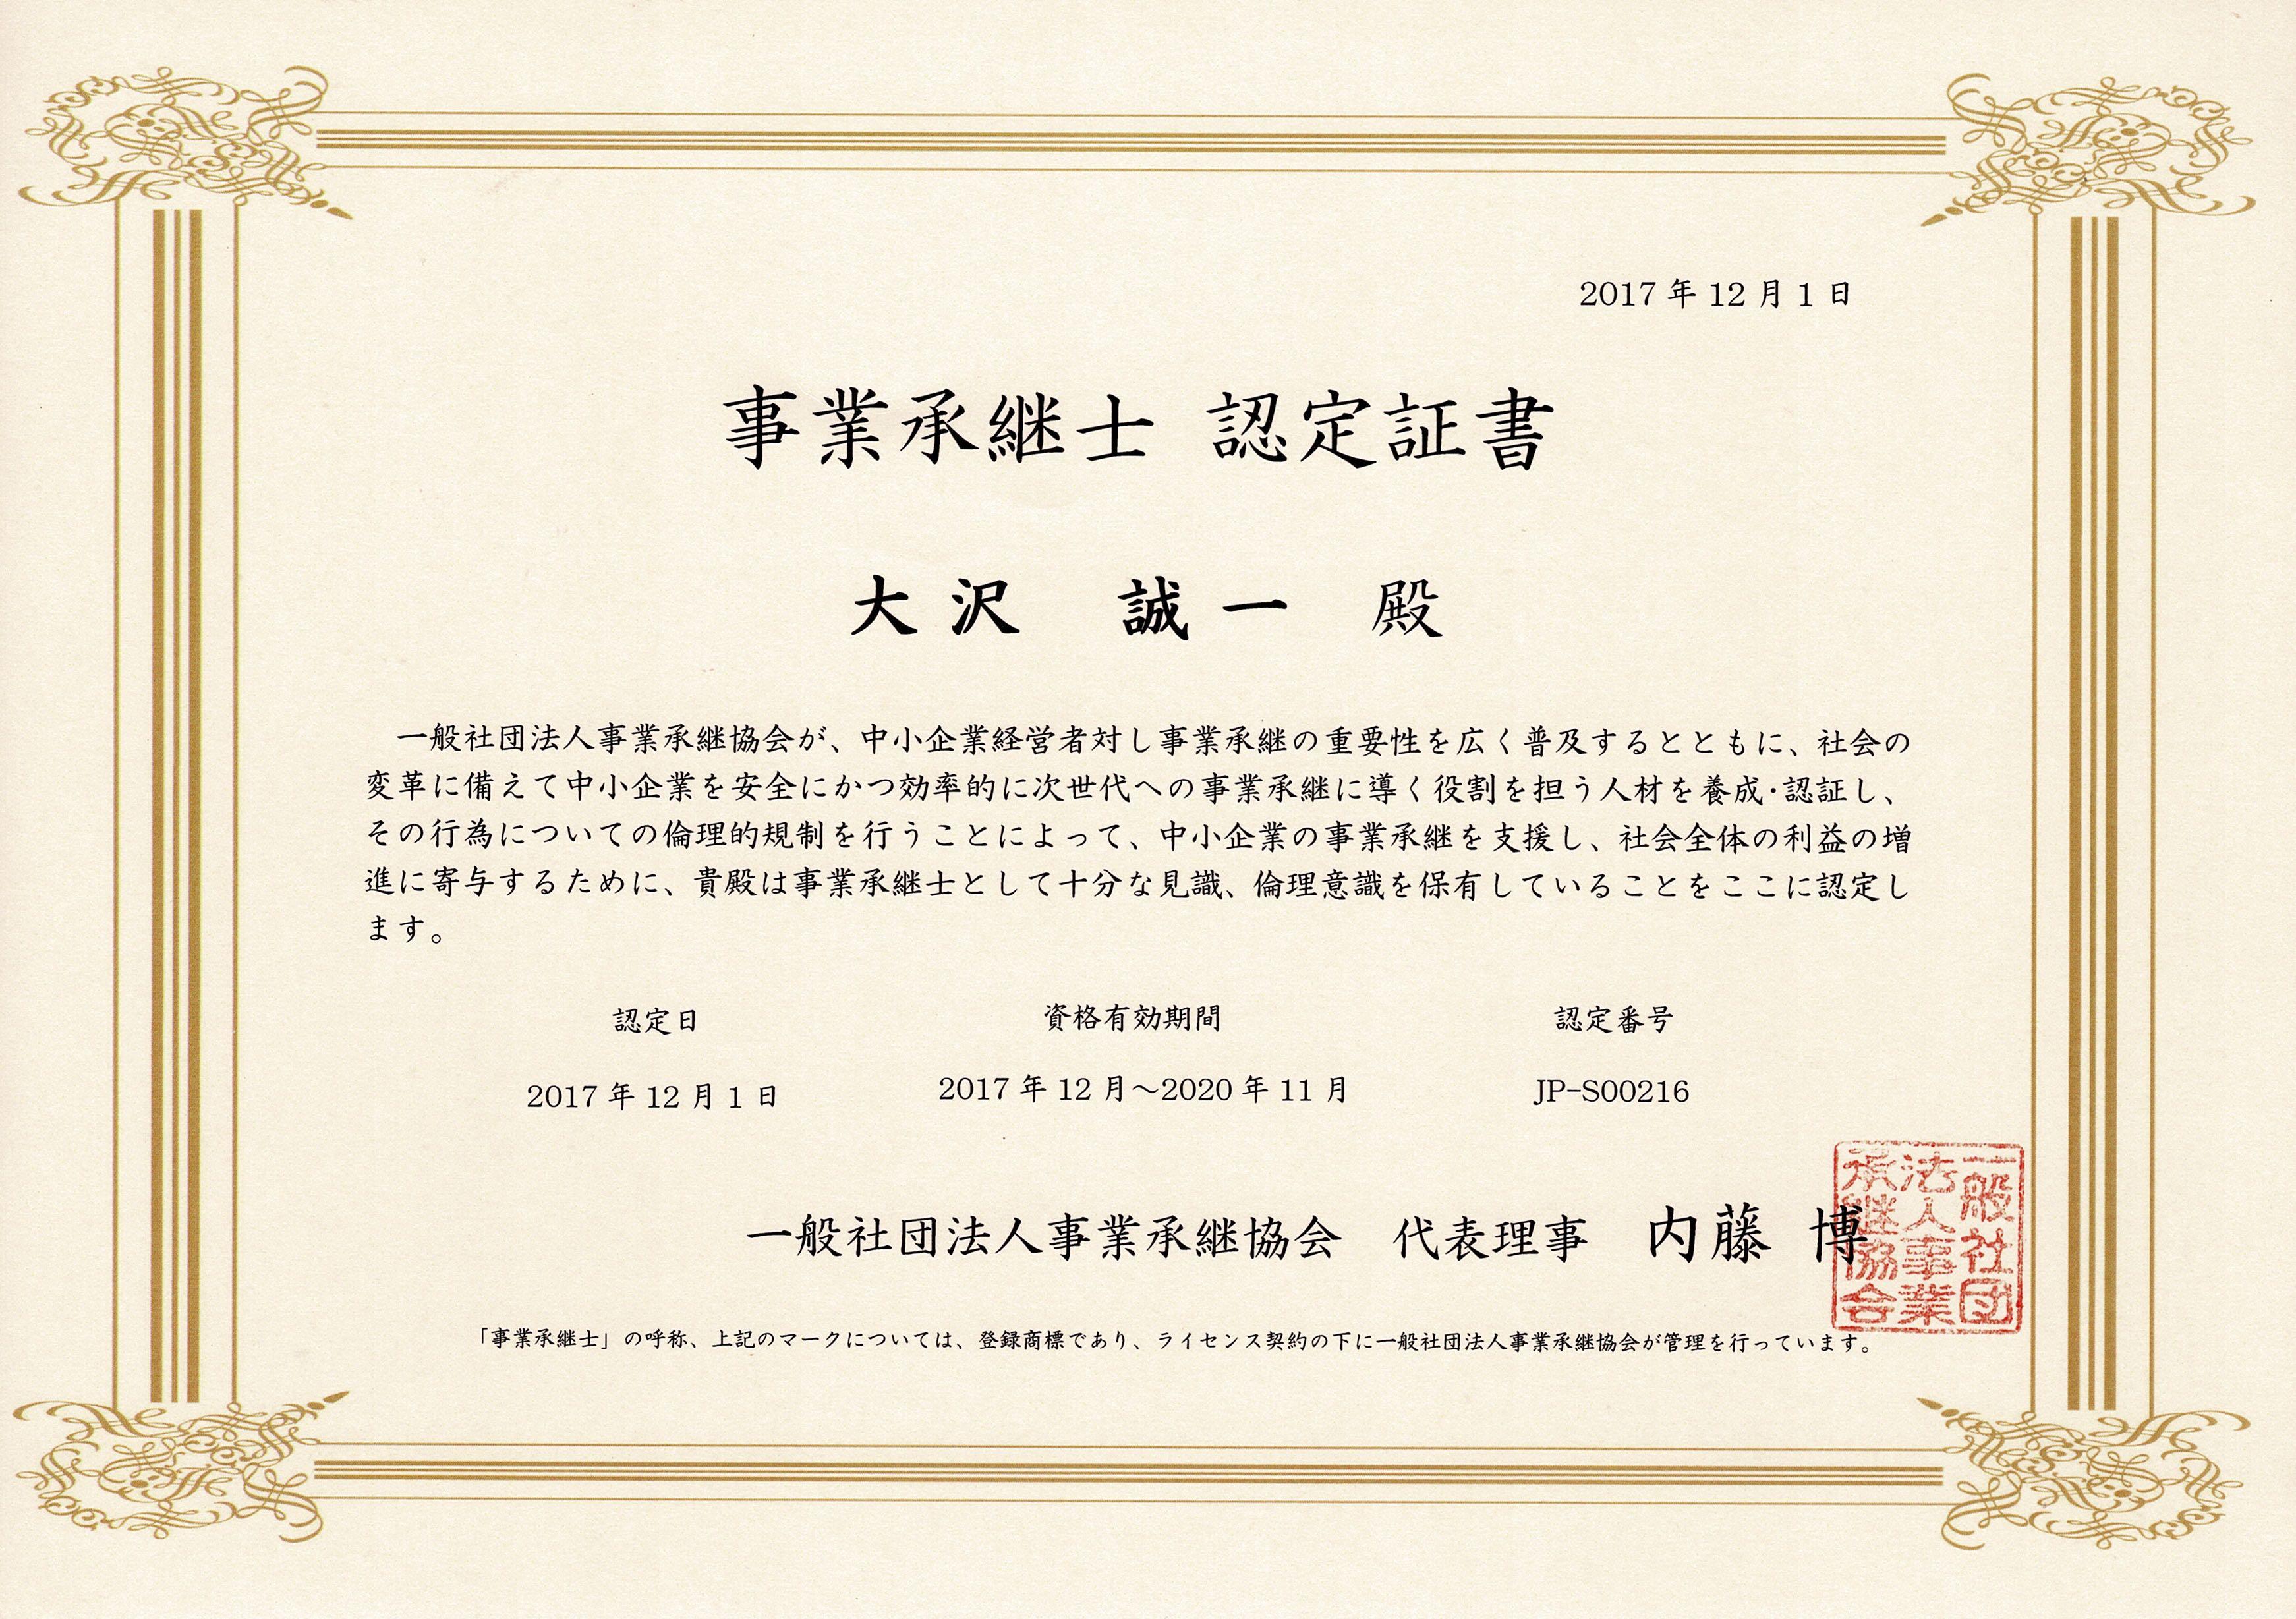 事業承継士の認定を頂きました。